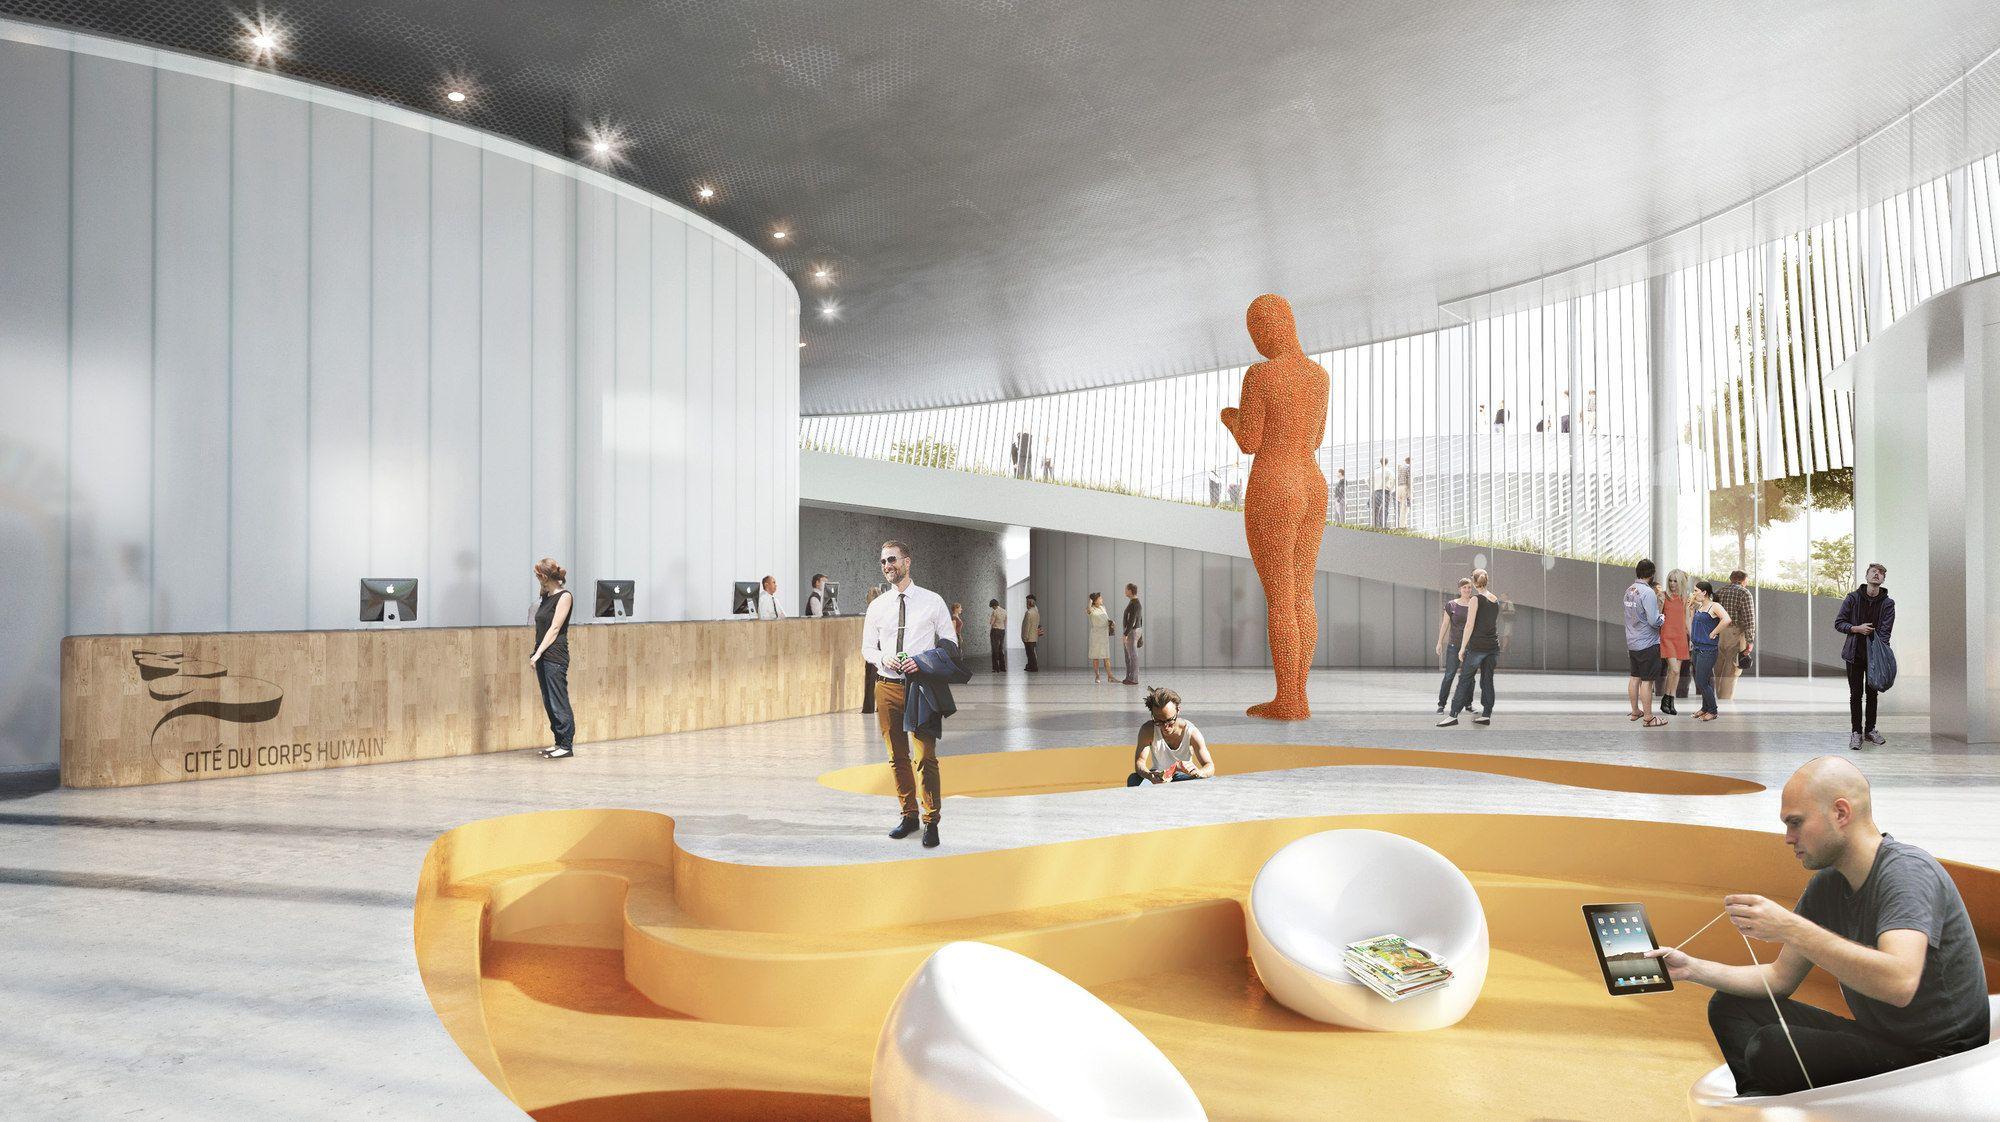 Galeria - BIG é selecionado para desenhar o Museu do Corpo Humano na França - 111